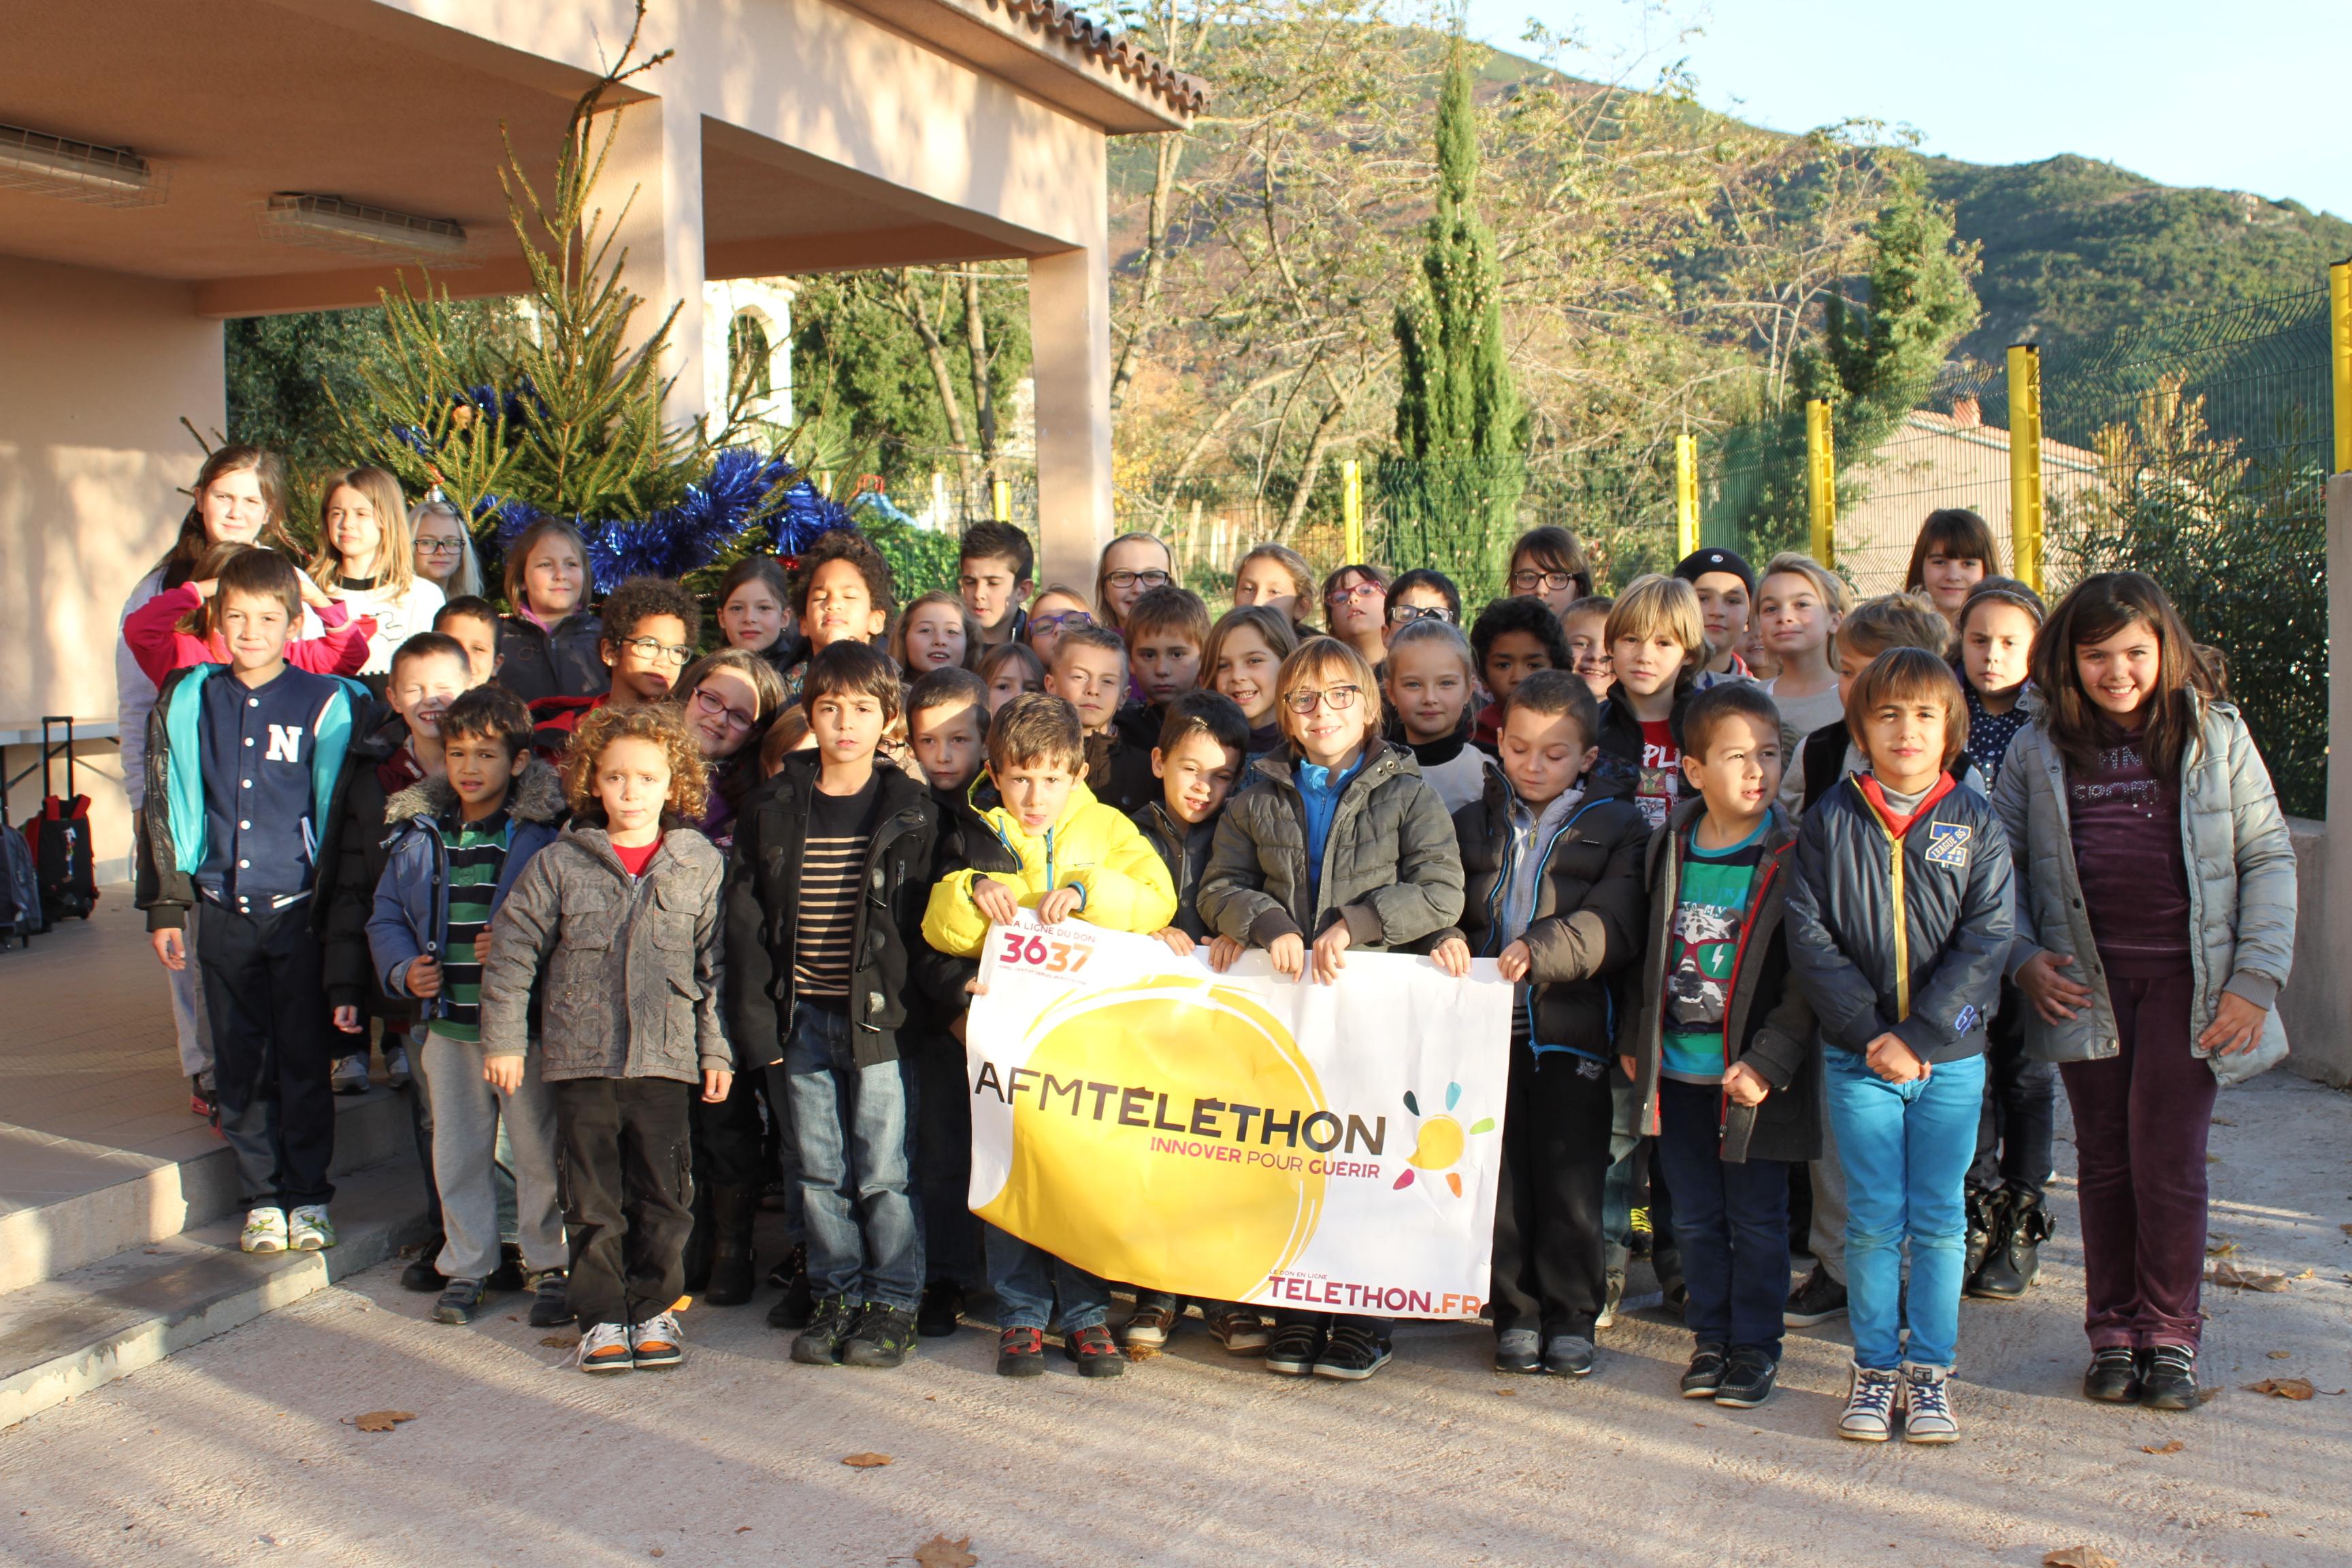 Les élèves de l'école élémentaire d'Appietto